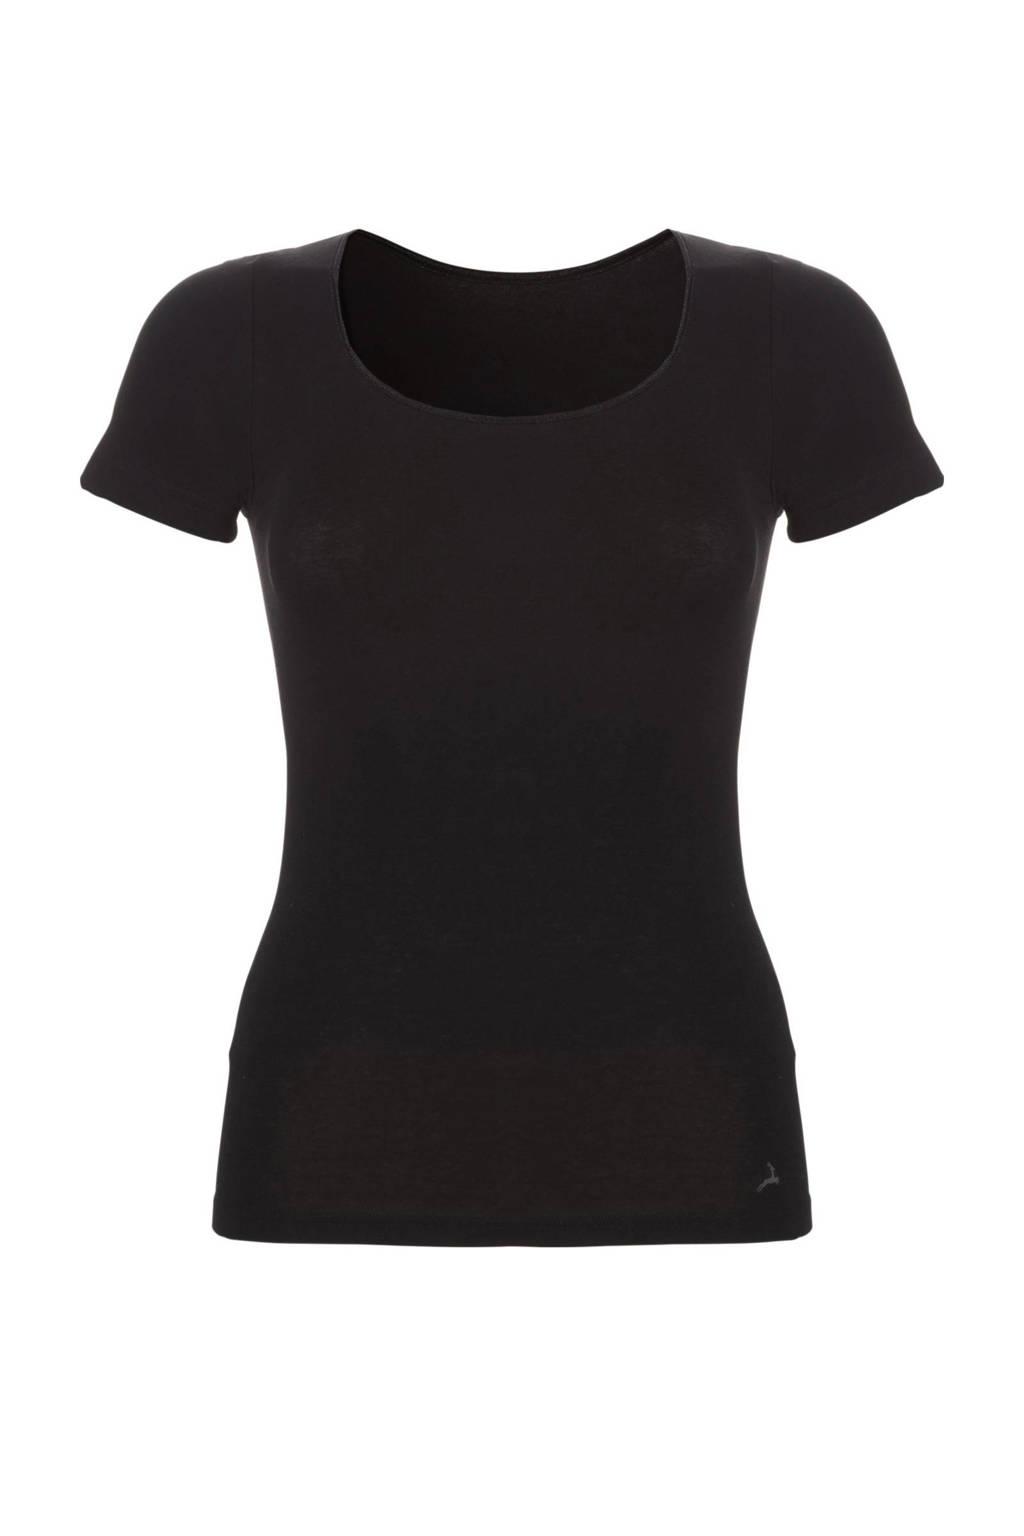 ten Cate Basic T-shirt zwart, Zwart